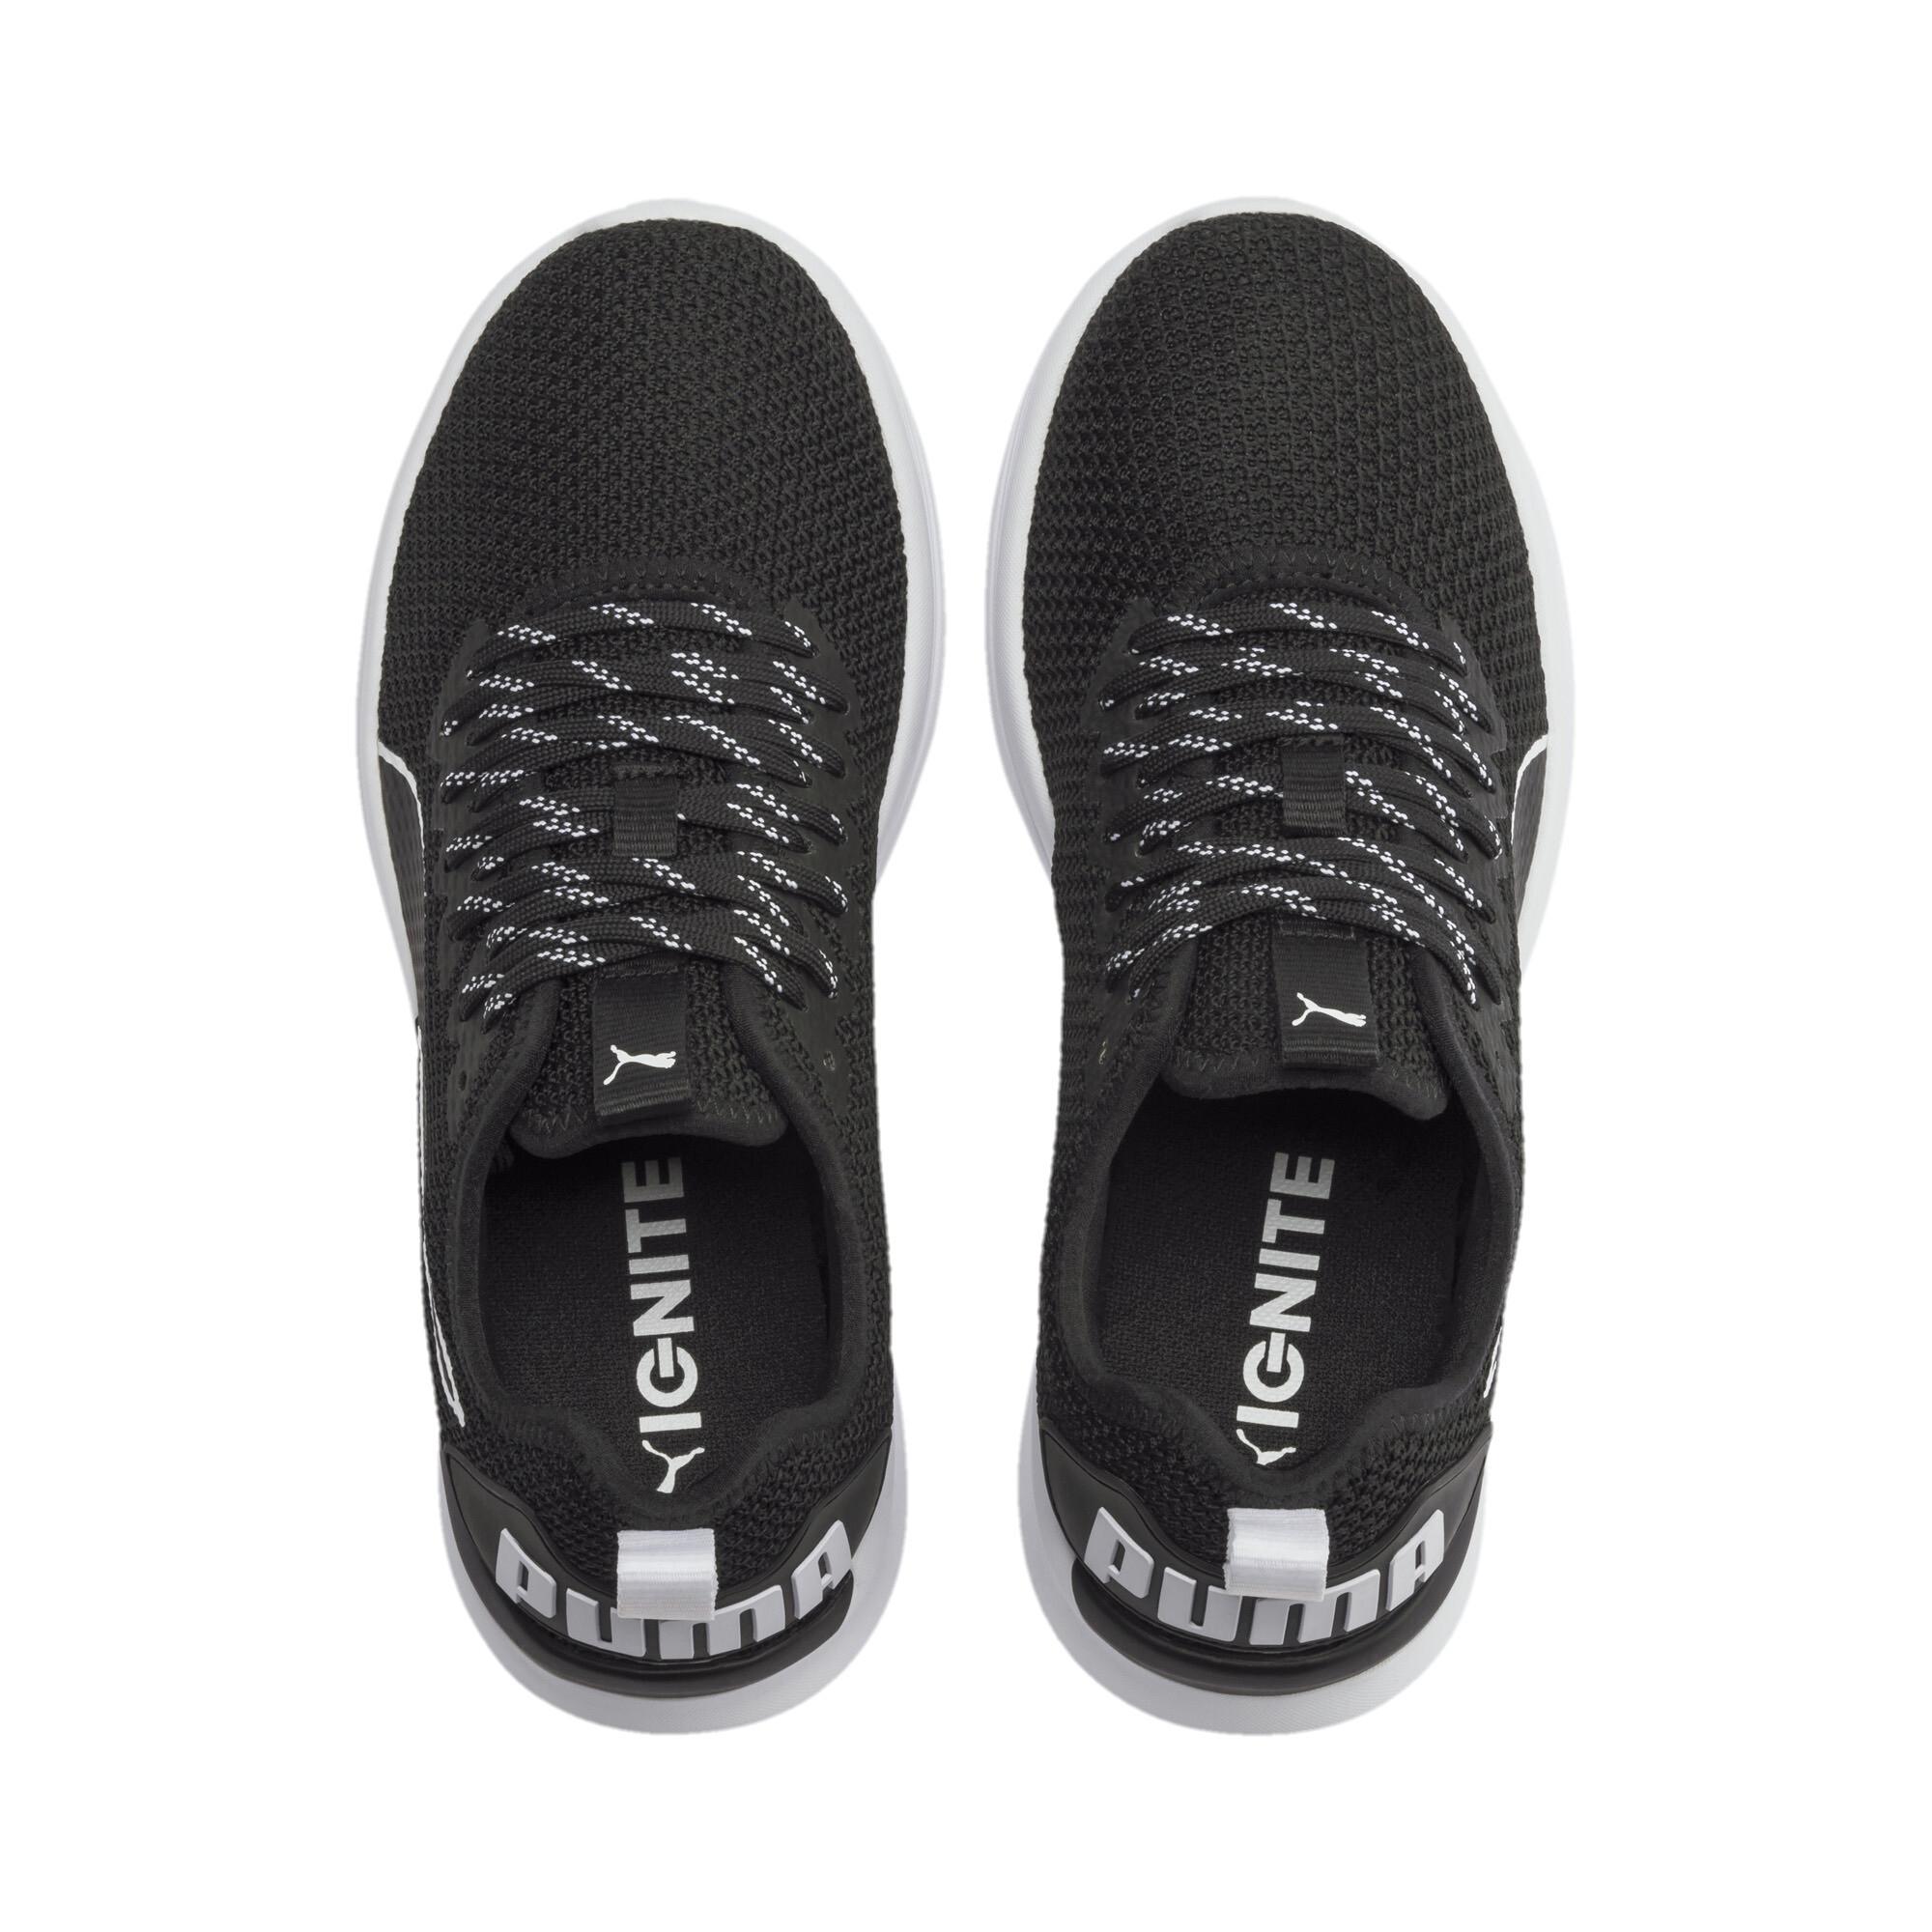 PUMA-IGNITE-Flash-Women-s-Training-Shoes-Women-Shoe-Running thumbnail 15